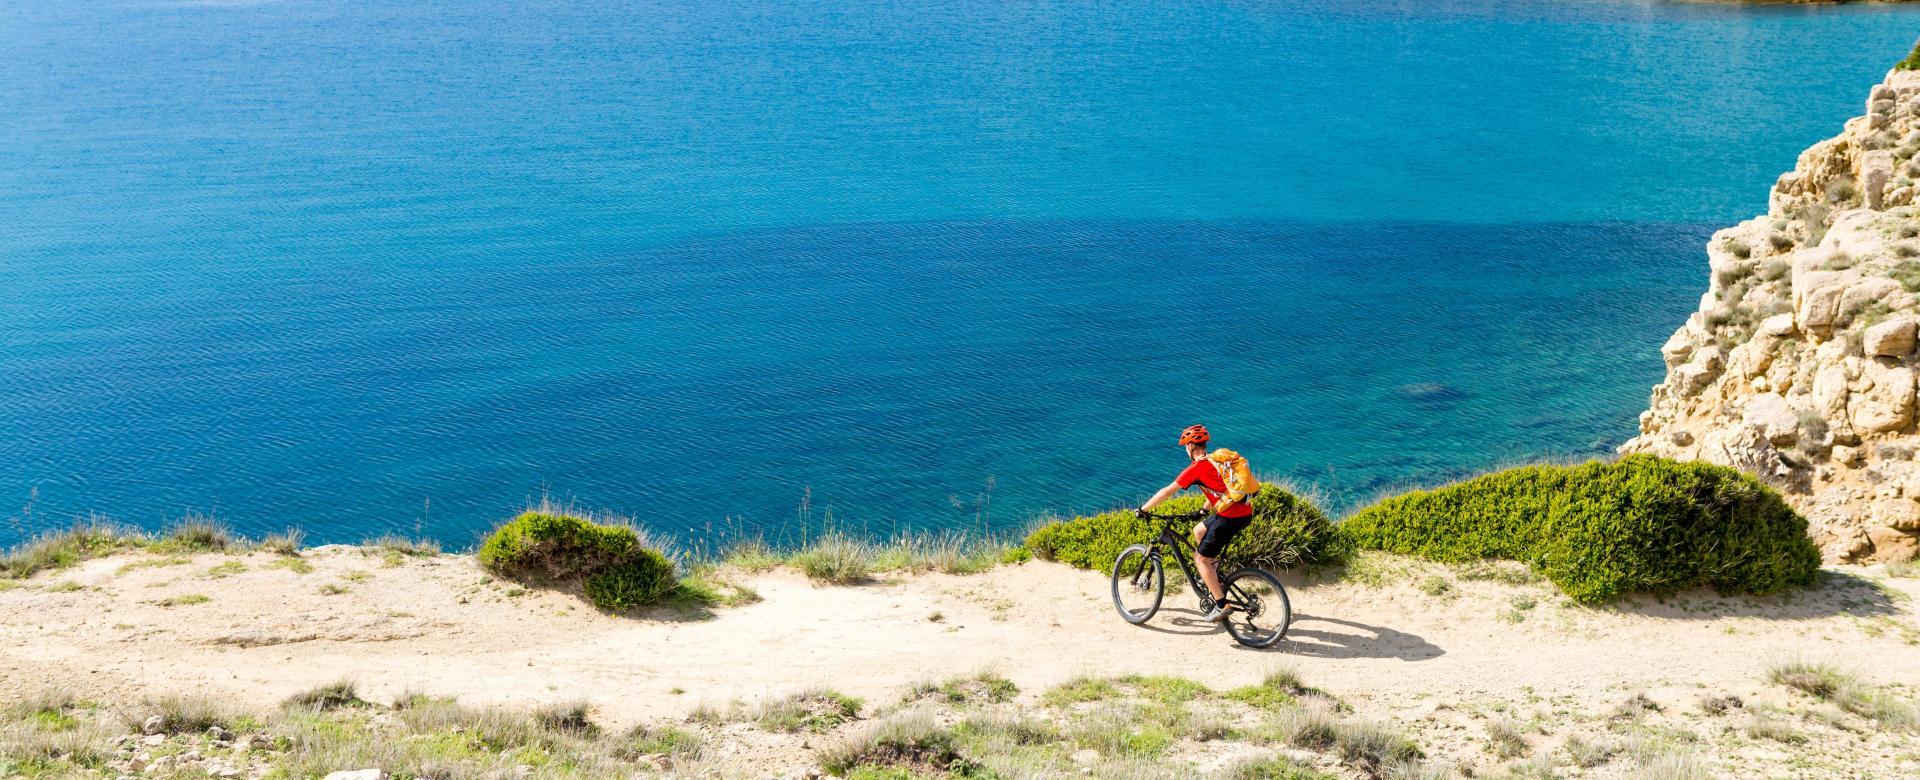 Voyage en véhicule Croatie : Les charmes de la côte adriatique à vélo